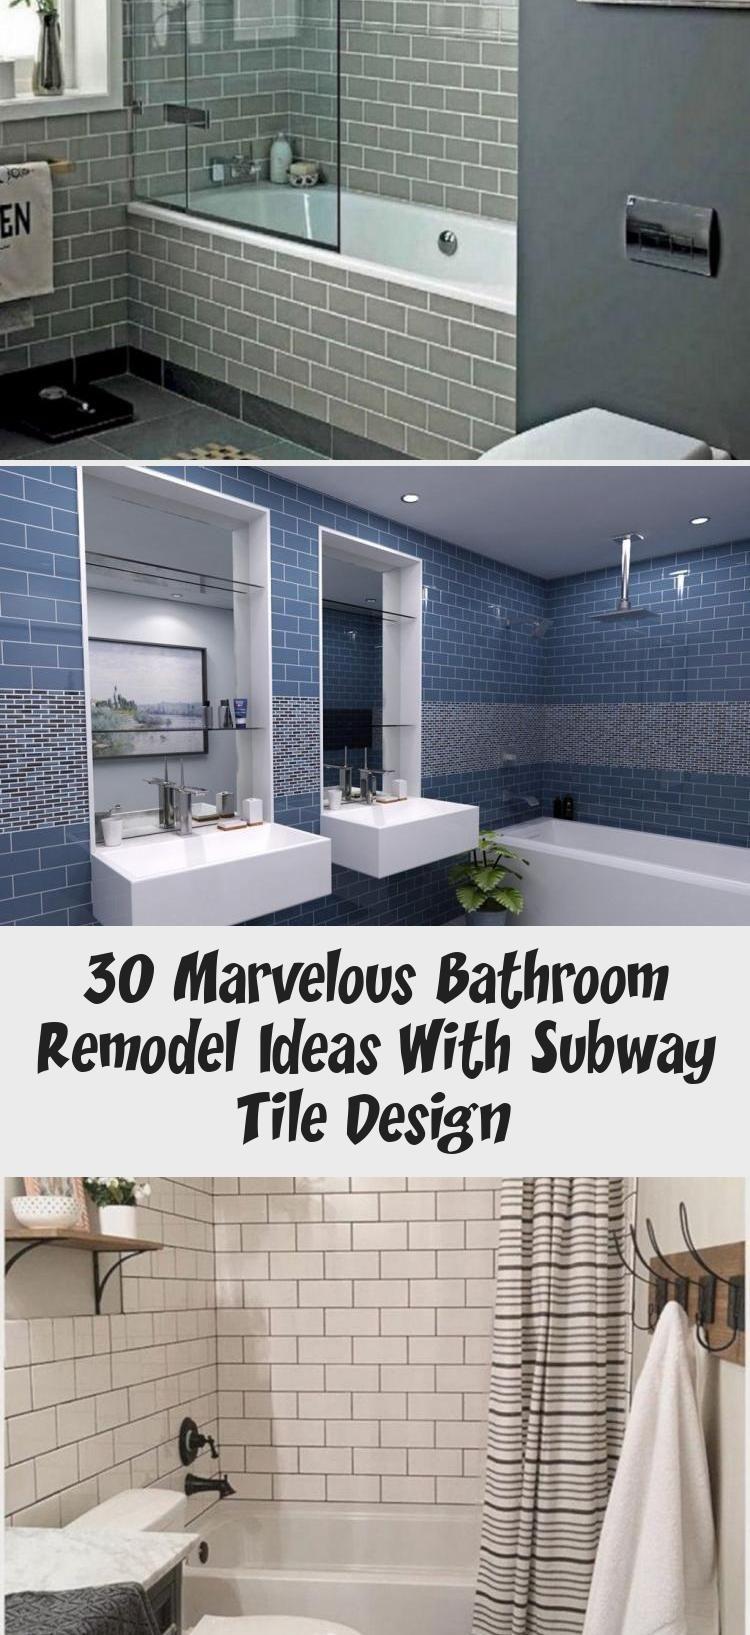 Bathroomideasdecoracion Farmhousebathroomideas Littlebathroomideas Darkbathroomideas Beachybathroomideas In 2020 Subway Tile Design Bathrooms Remodel Tile Design